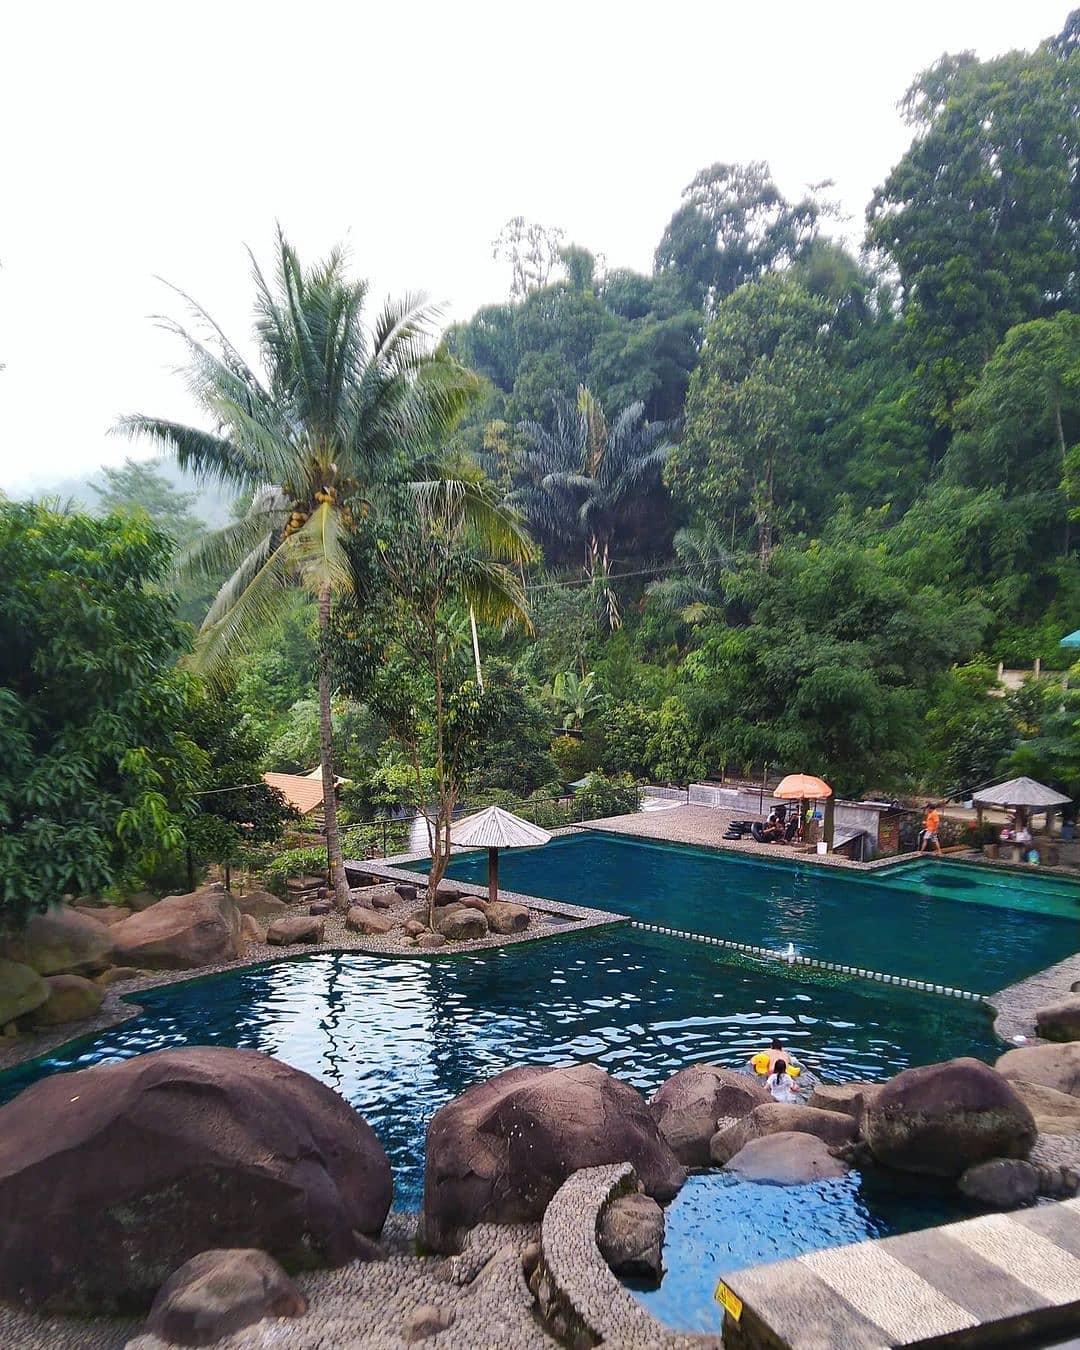 Pemandangan Di Taman Batu Purwakarta Image From @sagustik